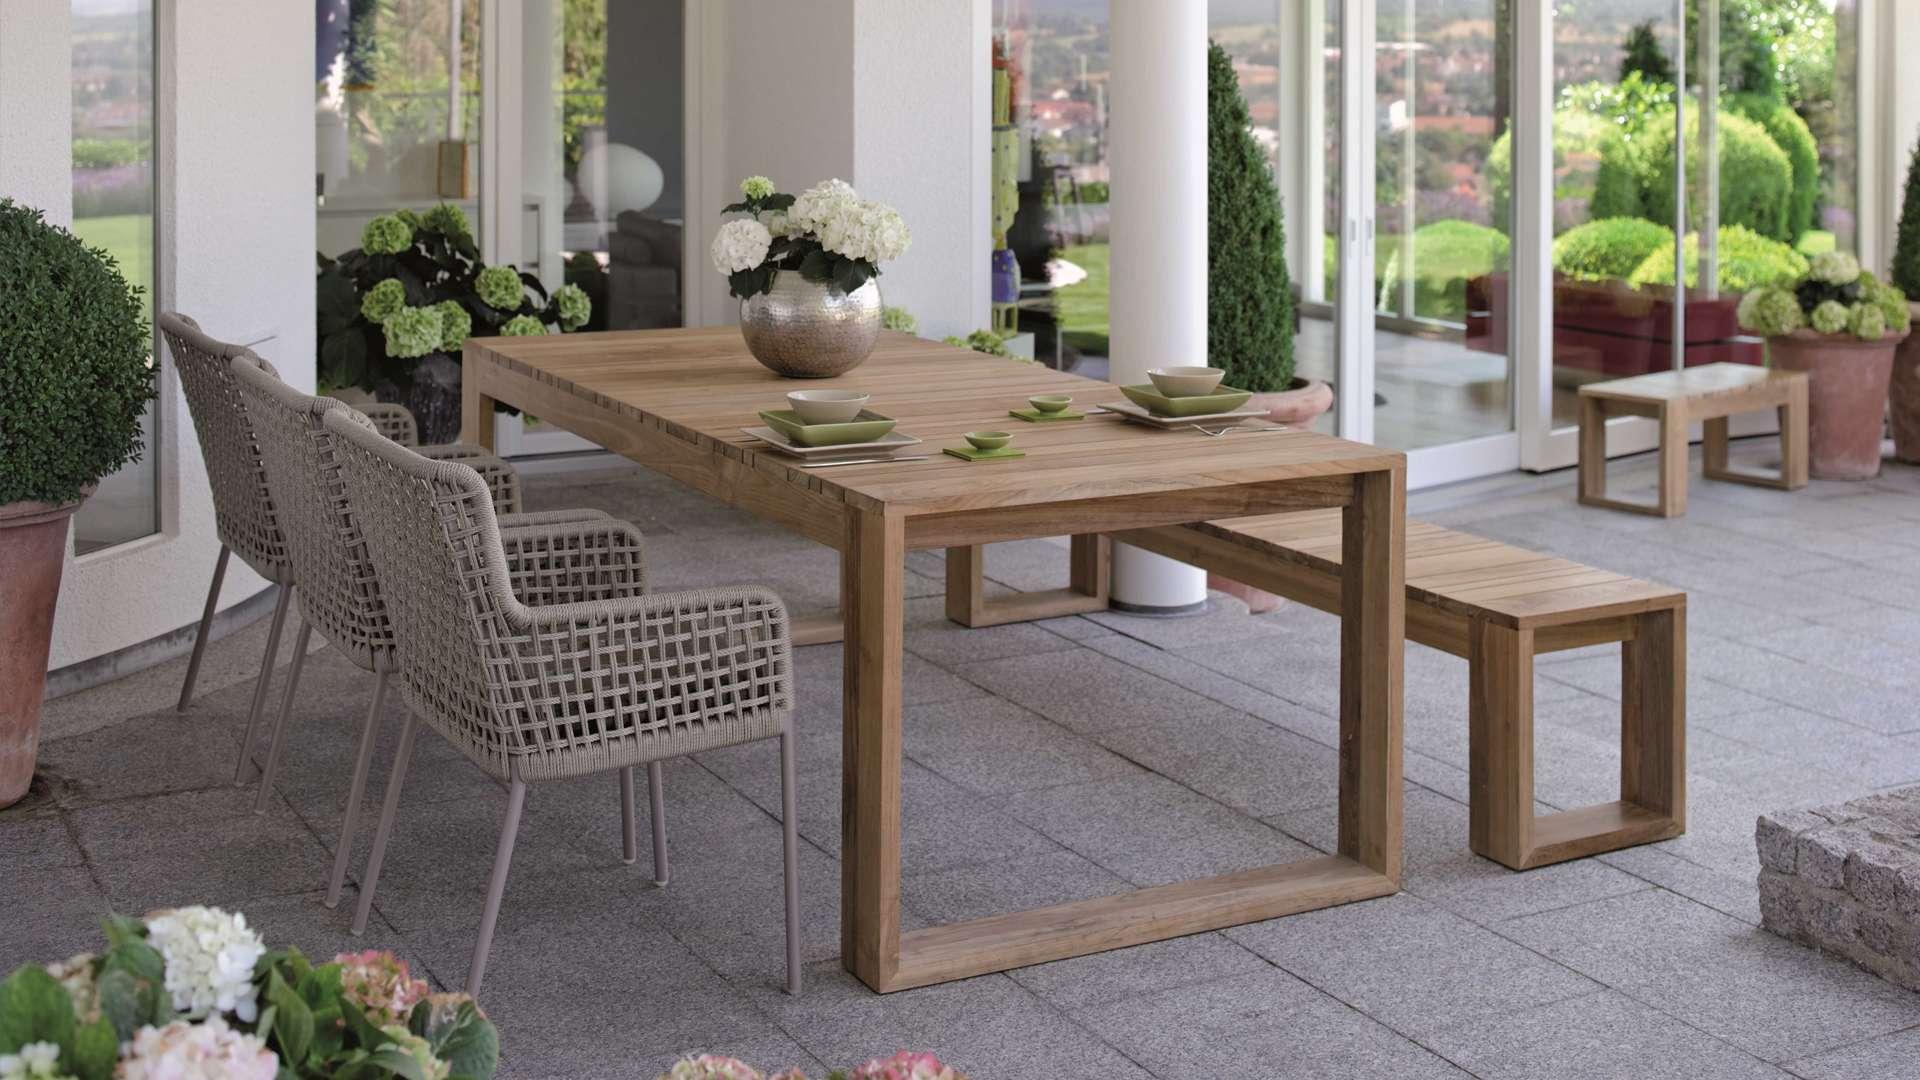 Esstisch mit Bank und Stühlen auf einer Terrasse